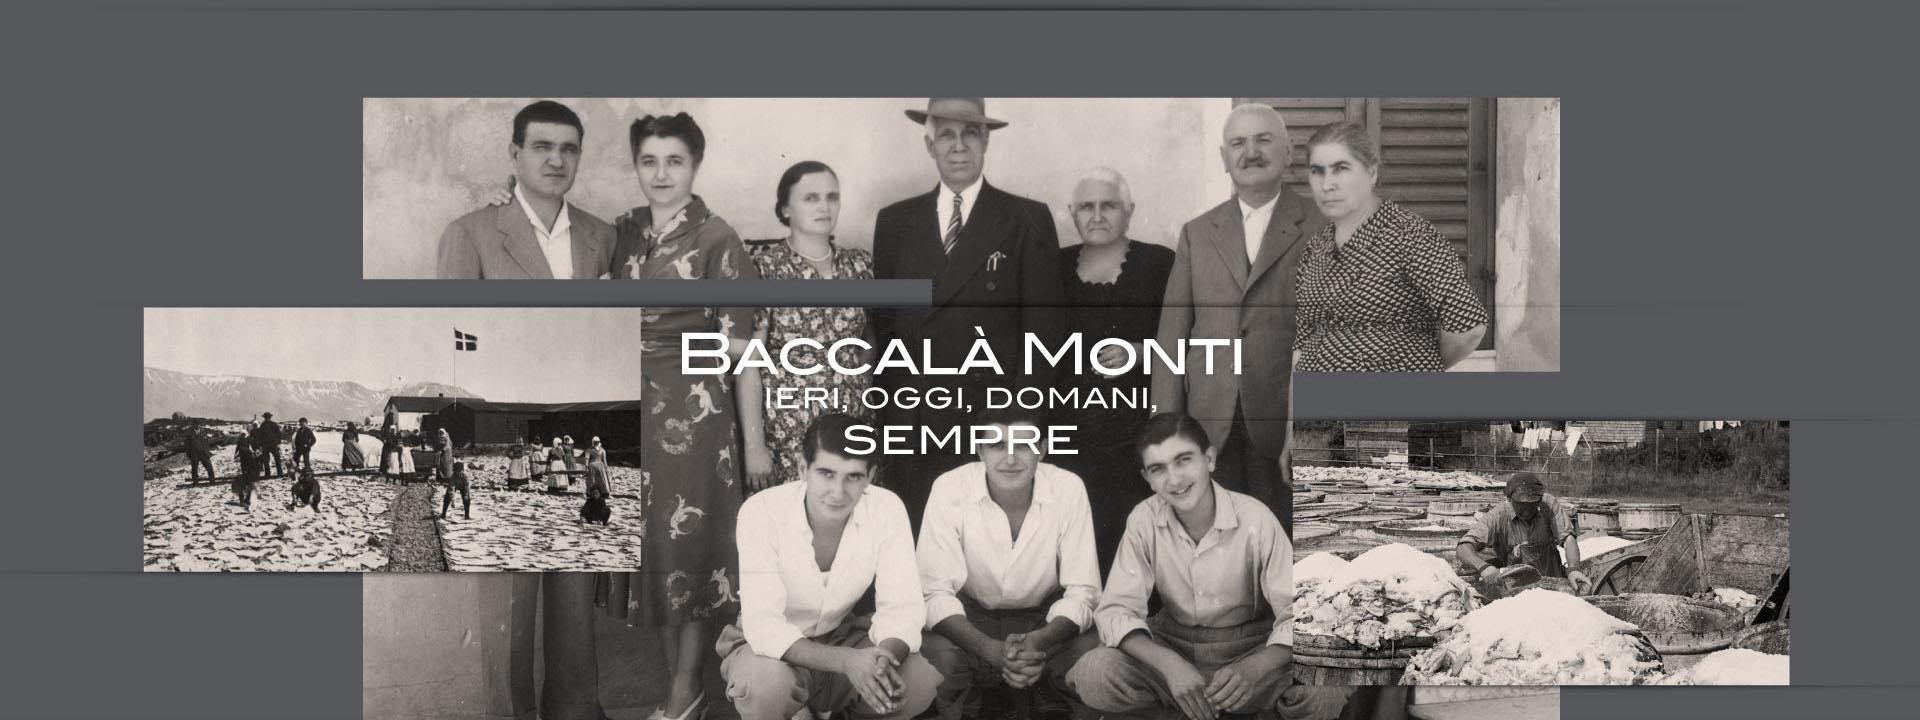 Baccalà-Monti-chi-siamo